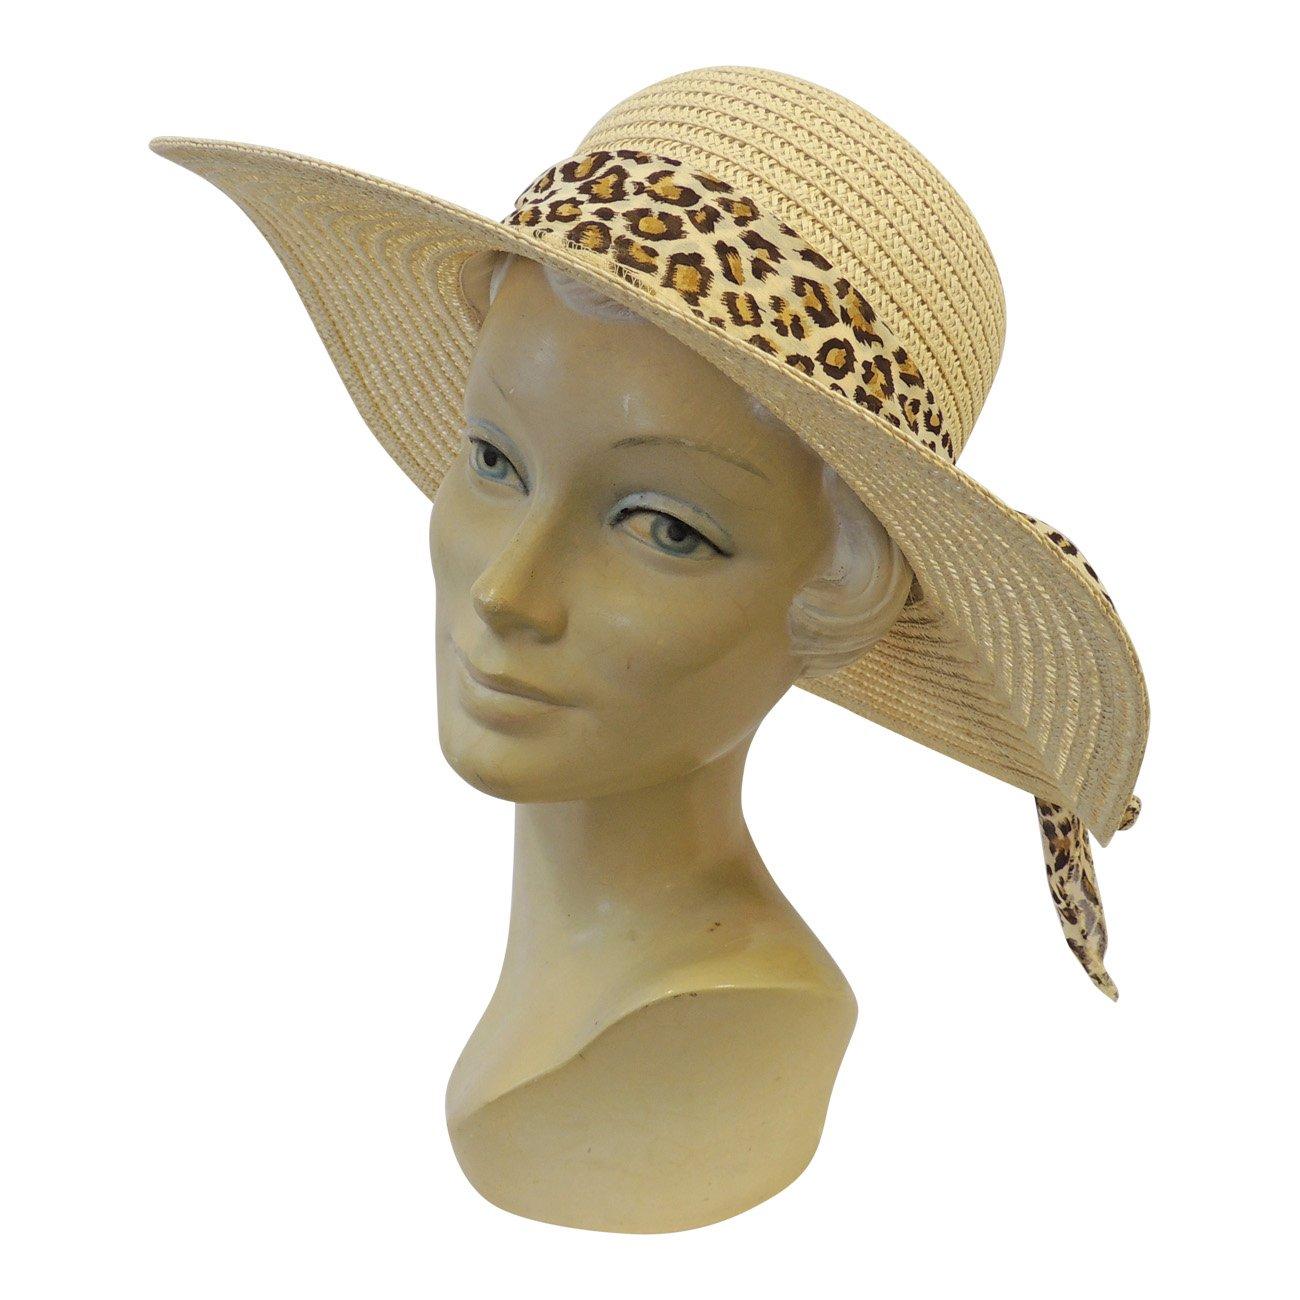 6e342223788b36 New Retro Wide Brim Raffia Leopard Summer Sun Hat 1920's 1930's 1940's Style:  Rosa Rosa: Amazon.co.uk: Clothing